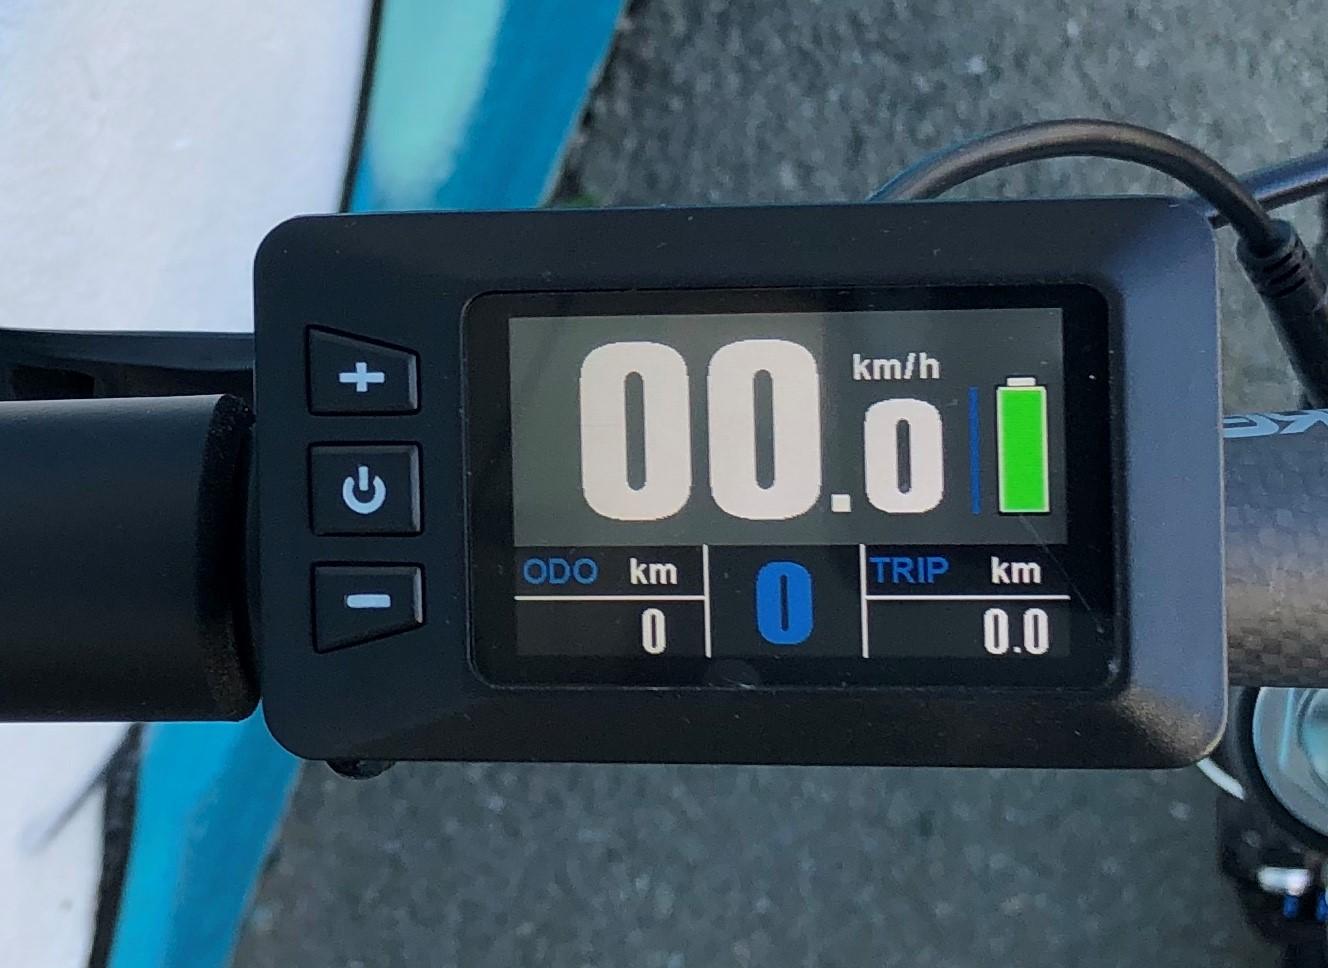 TFT Farbdisplay am Lenker des E-Bikes